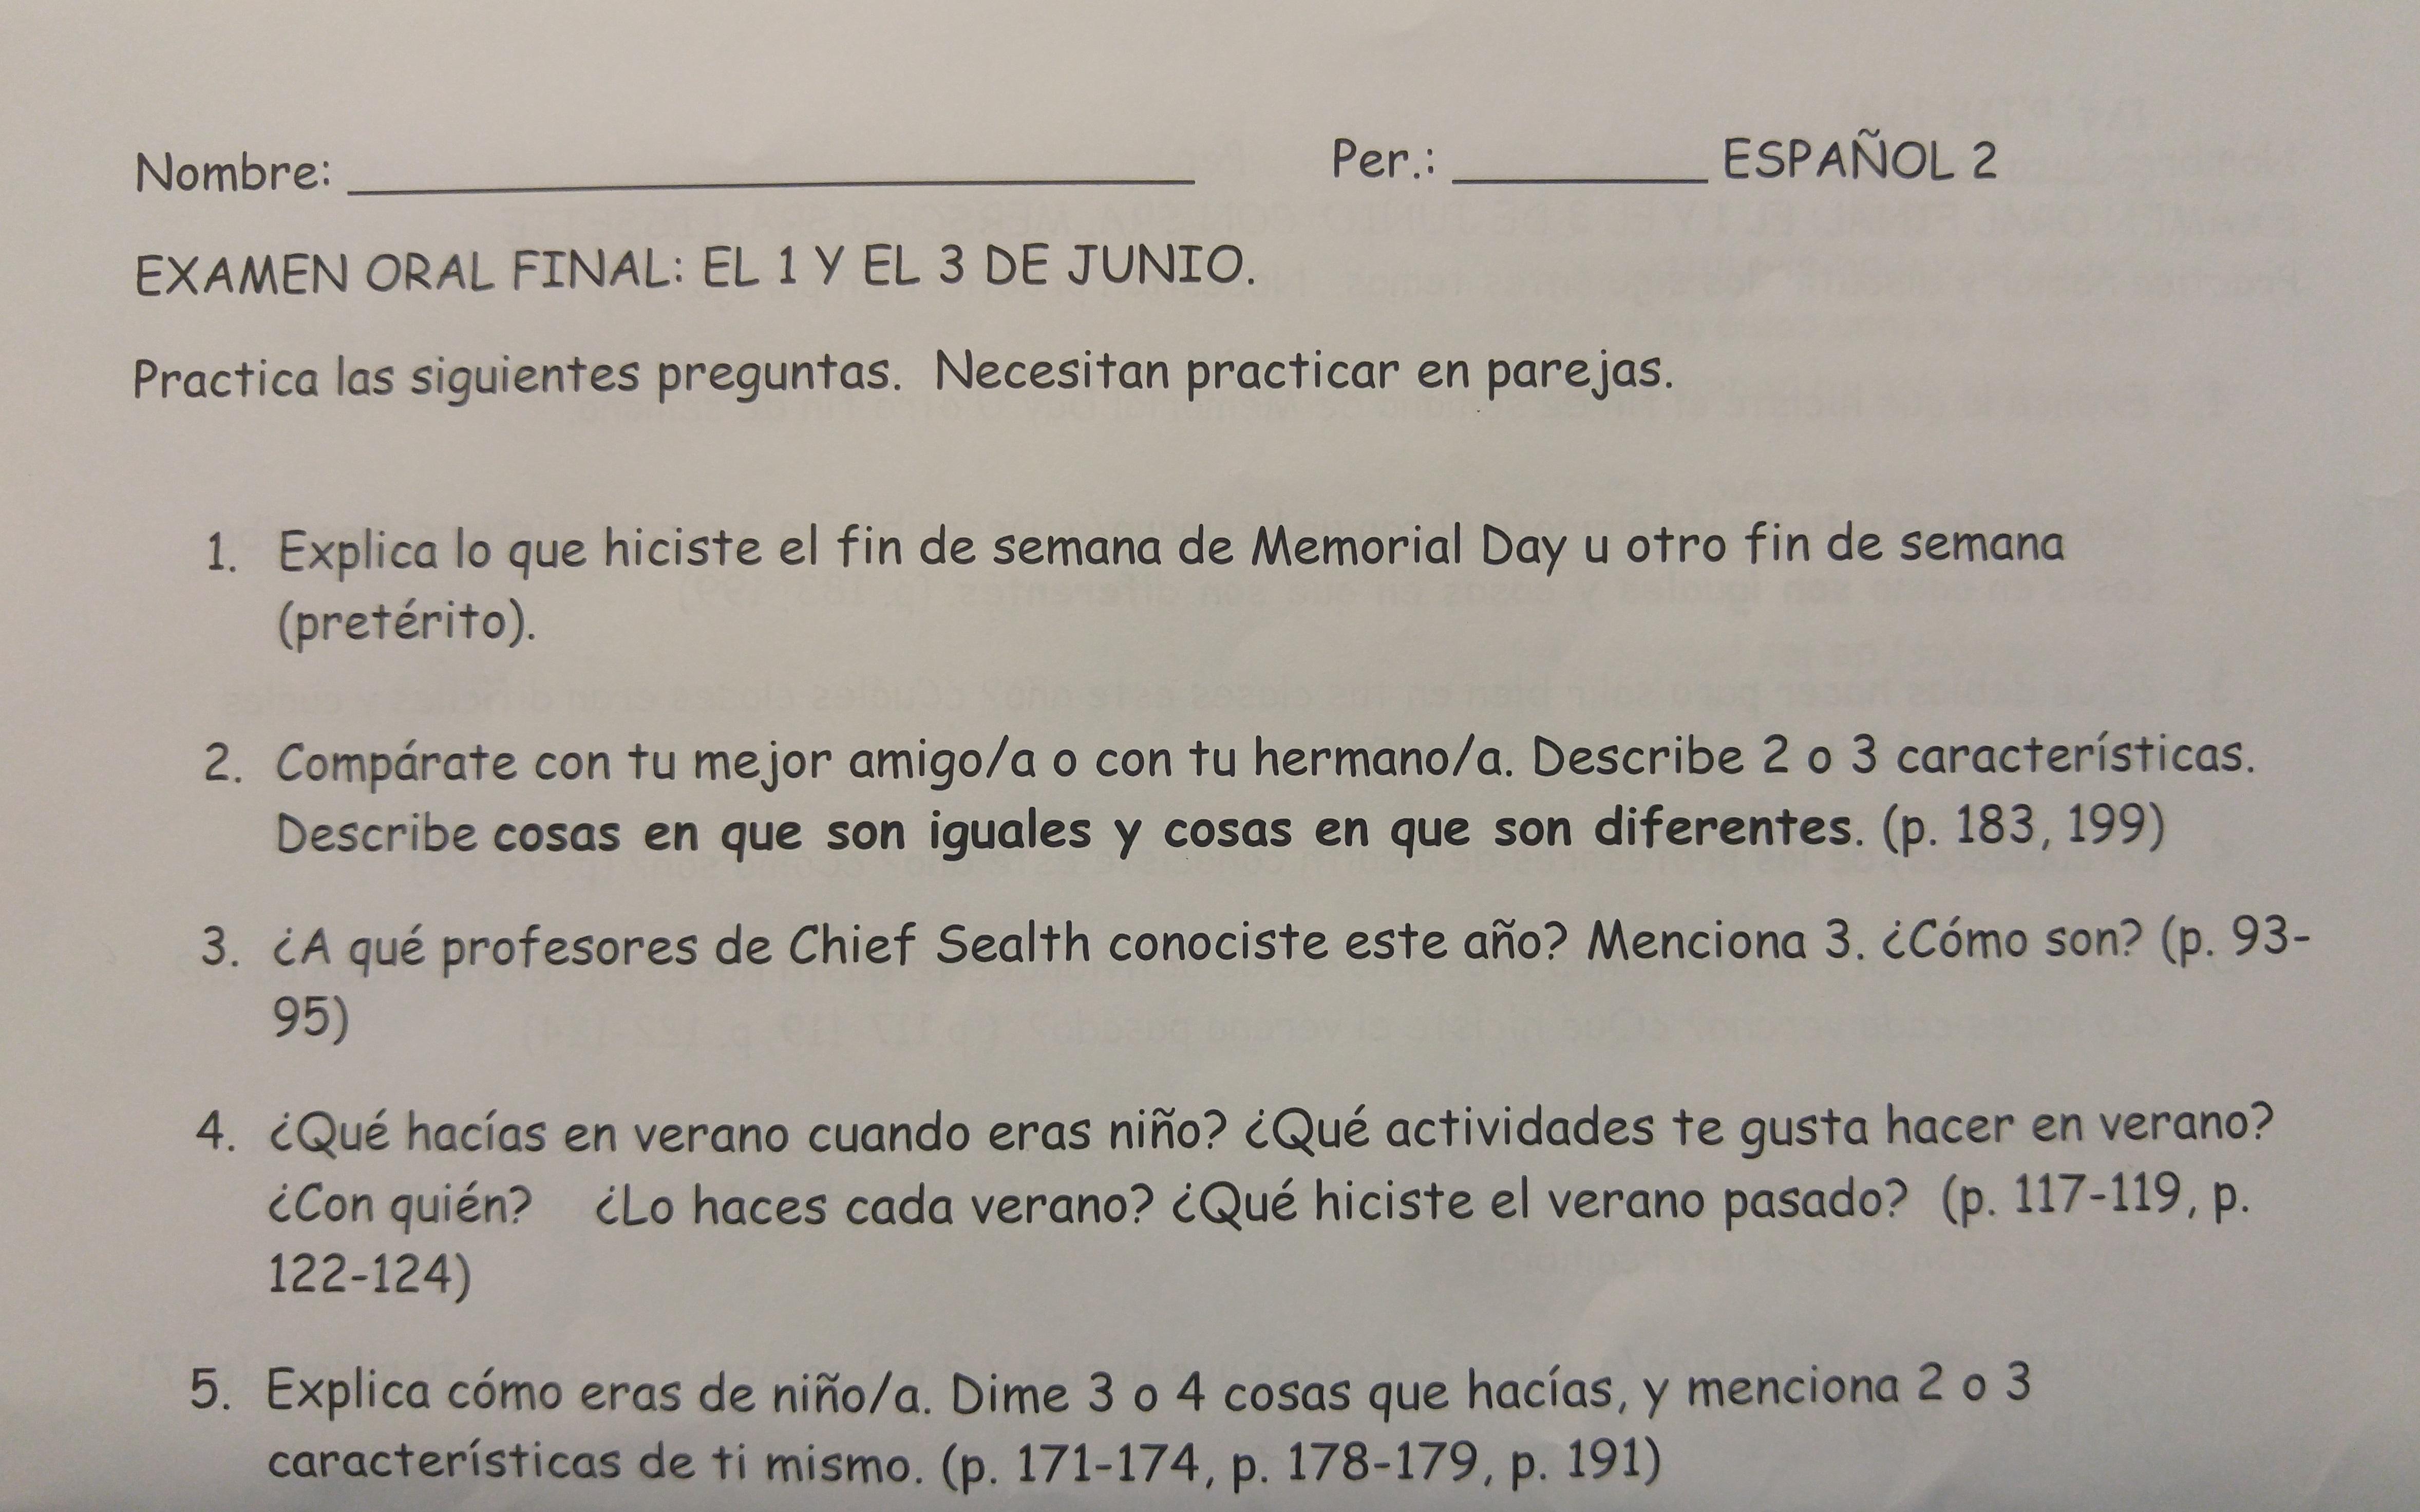 examen oral final el 1 y el 3 de junio